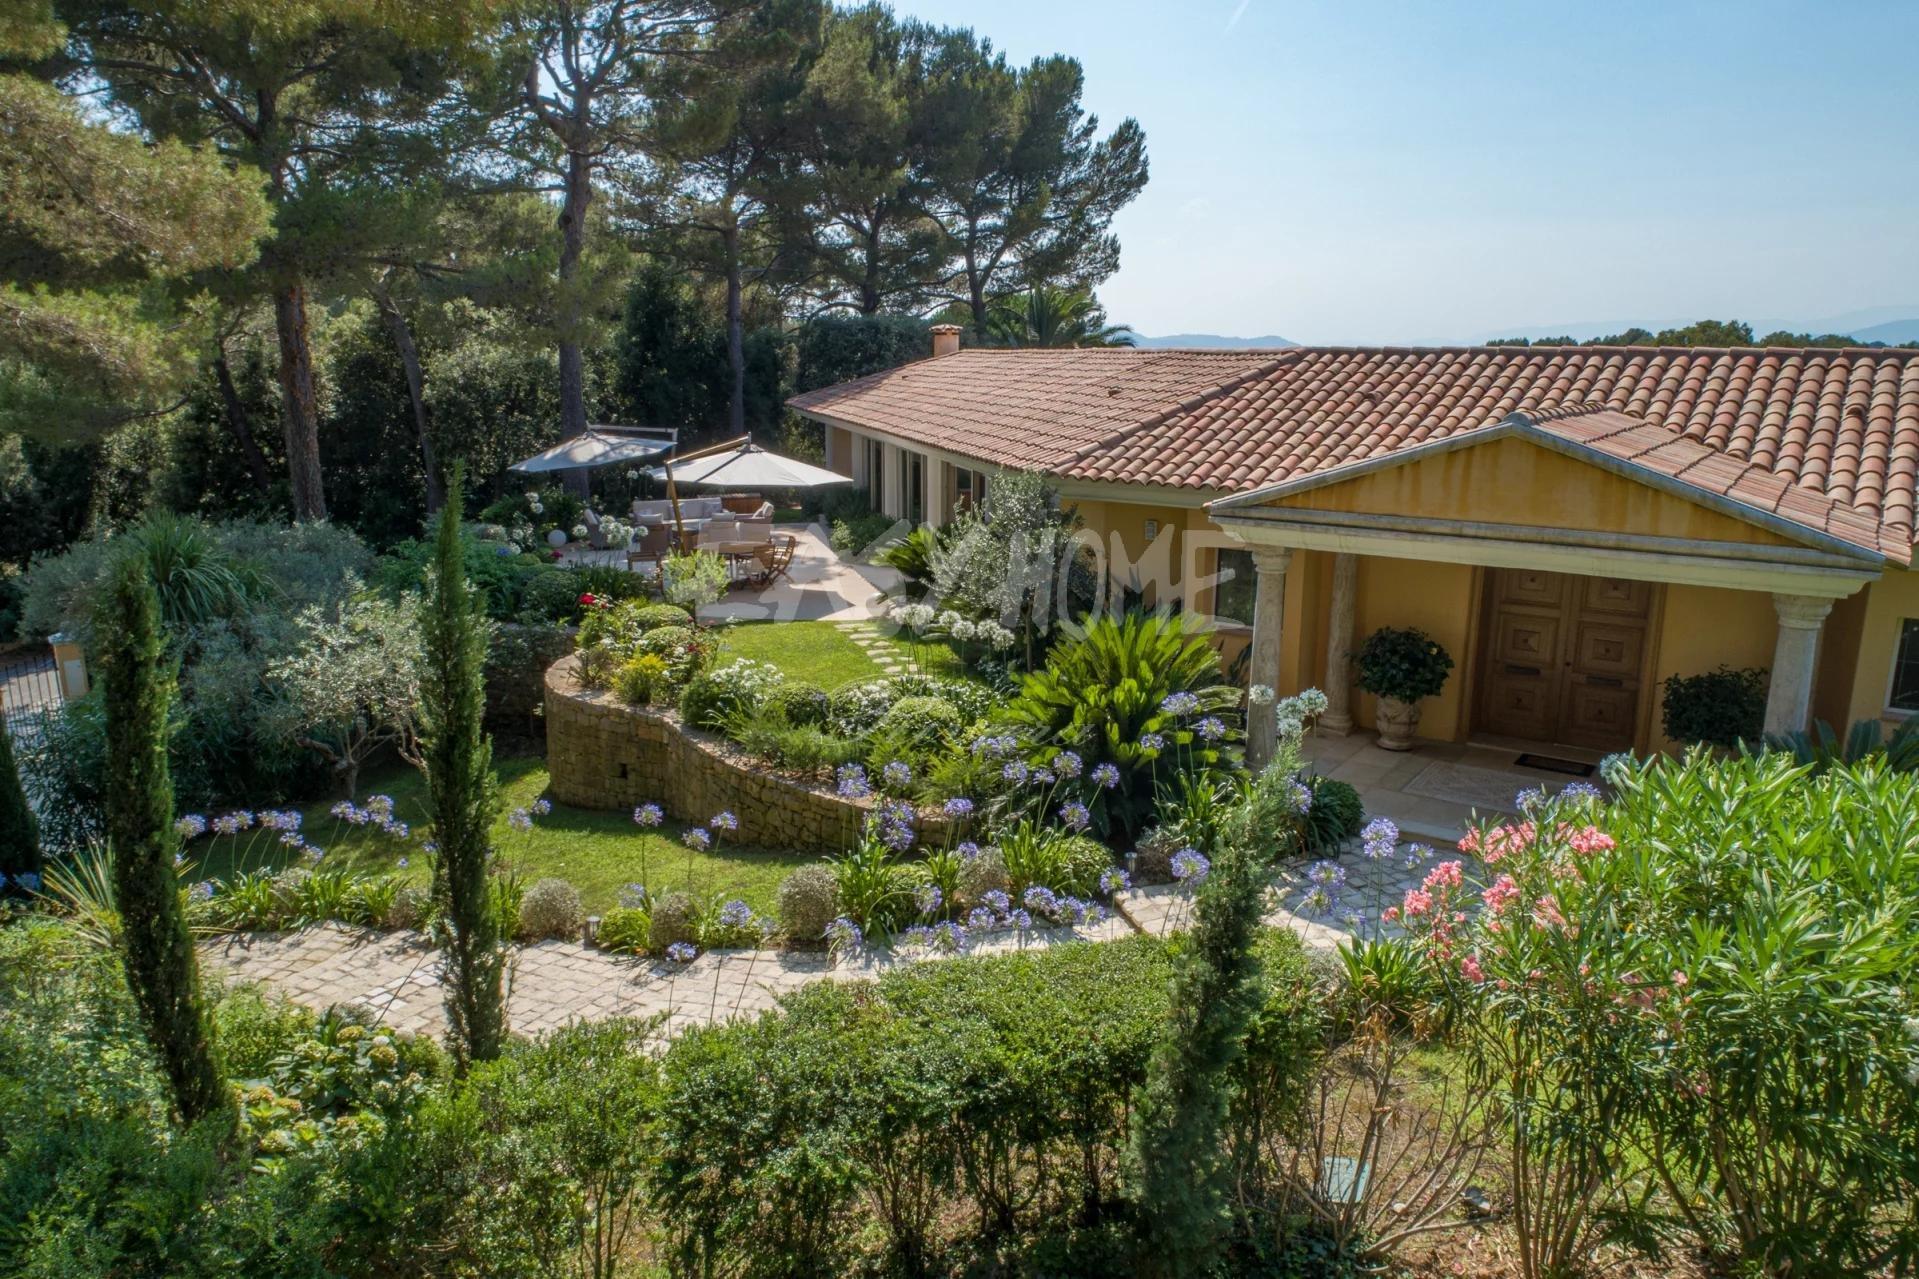 Achat/Vente villa Mougins dans domaine sécurisé